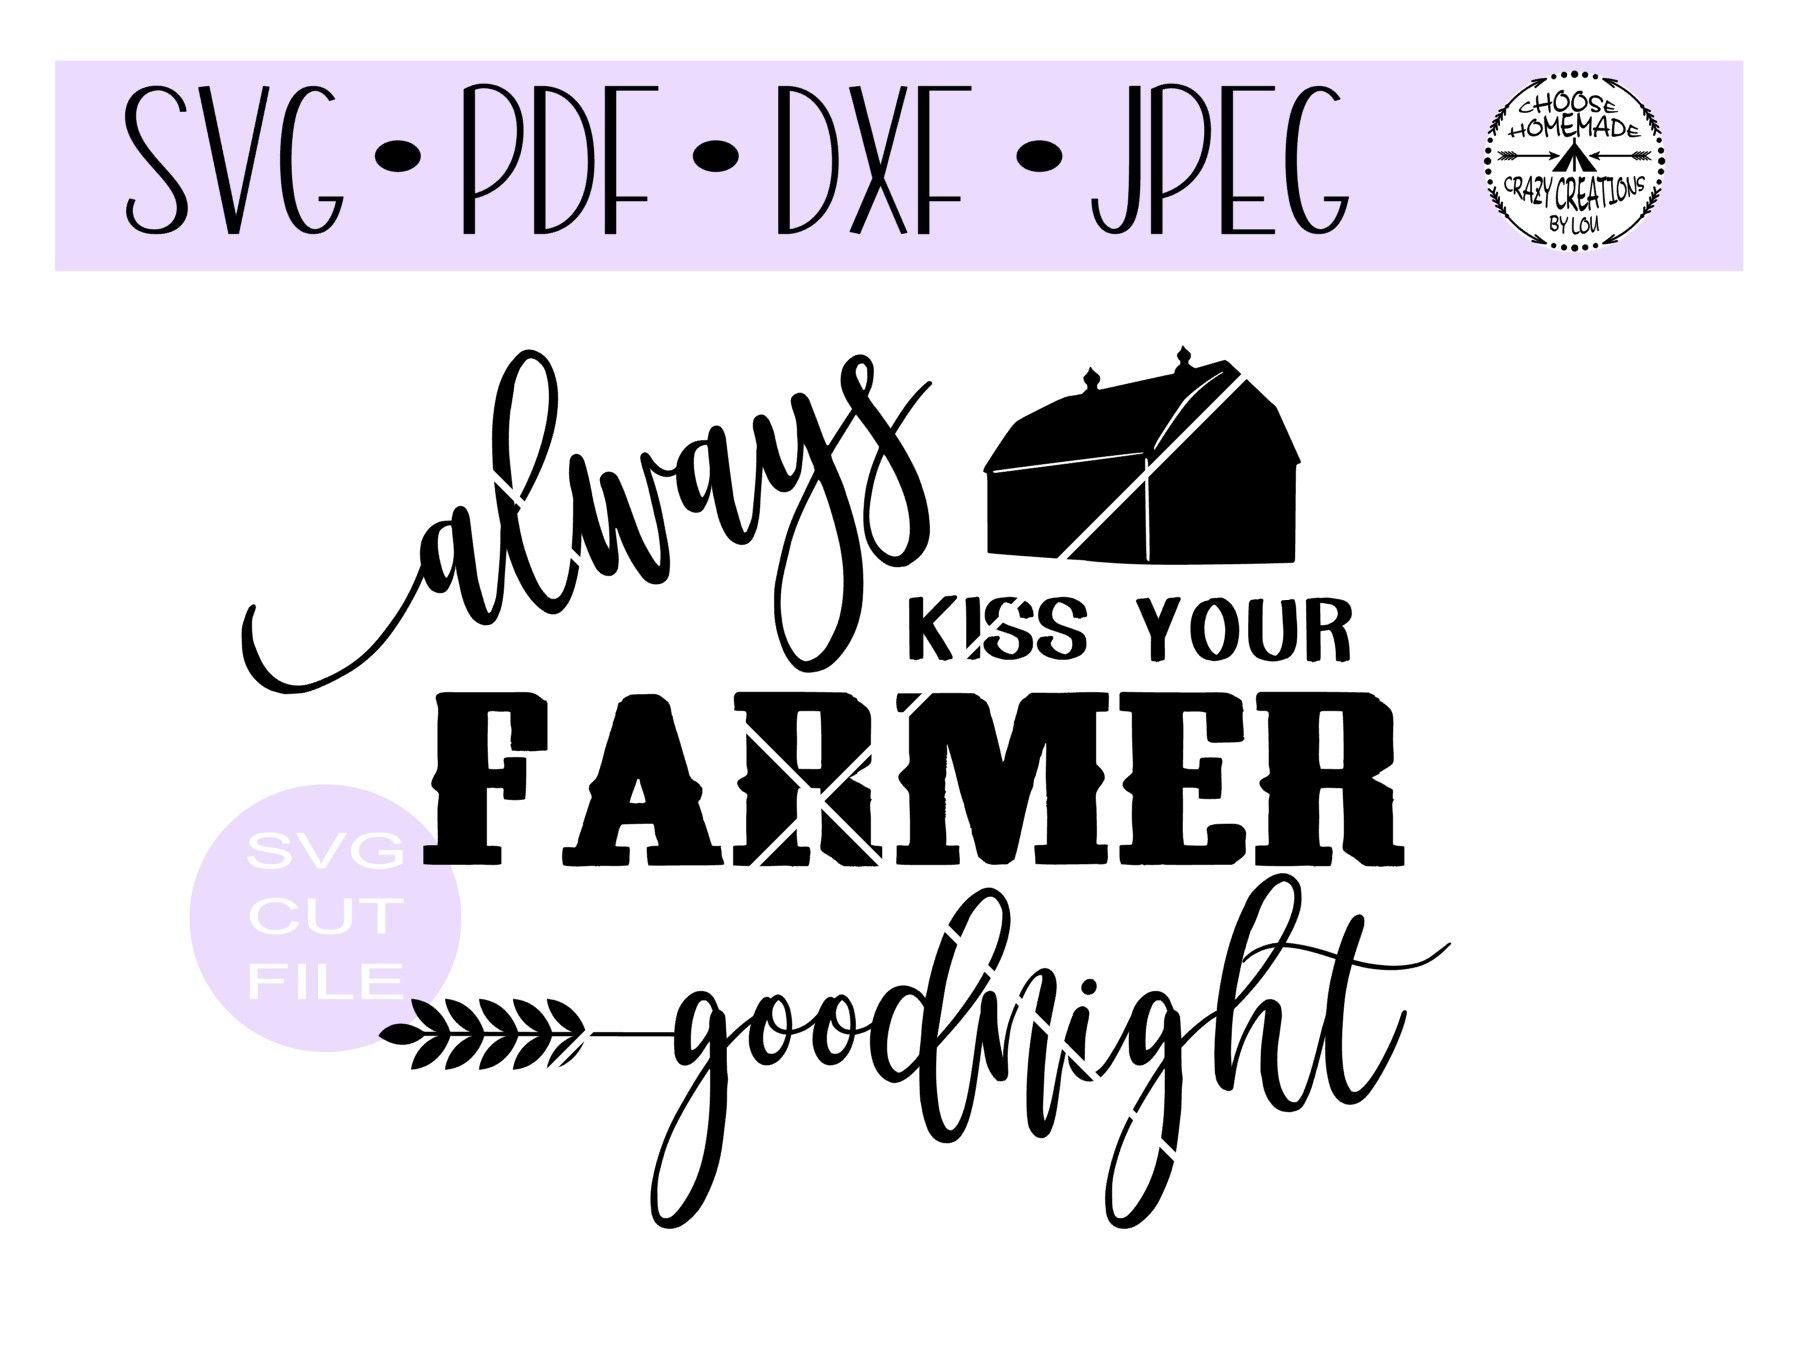 Always Kiss Your Farmer Goodnight Svg Kiss You Cricut Farmer